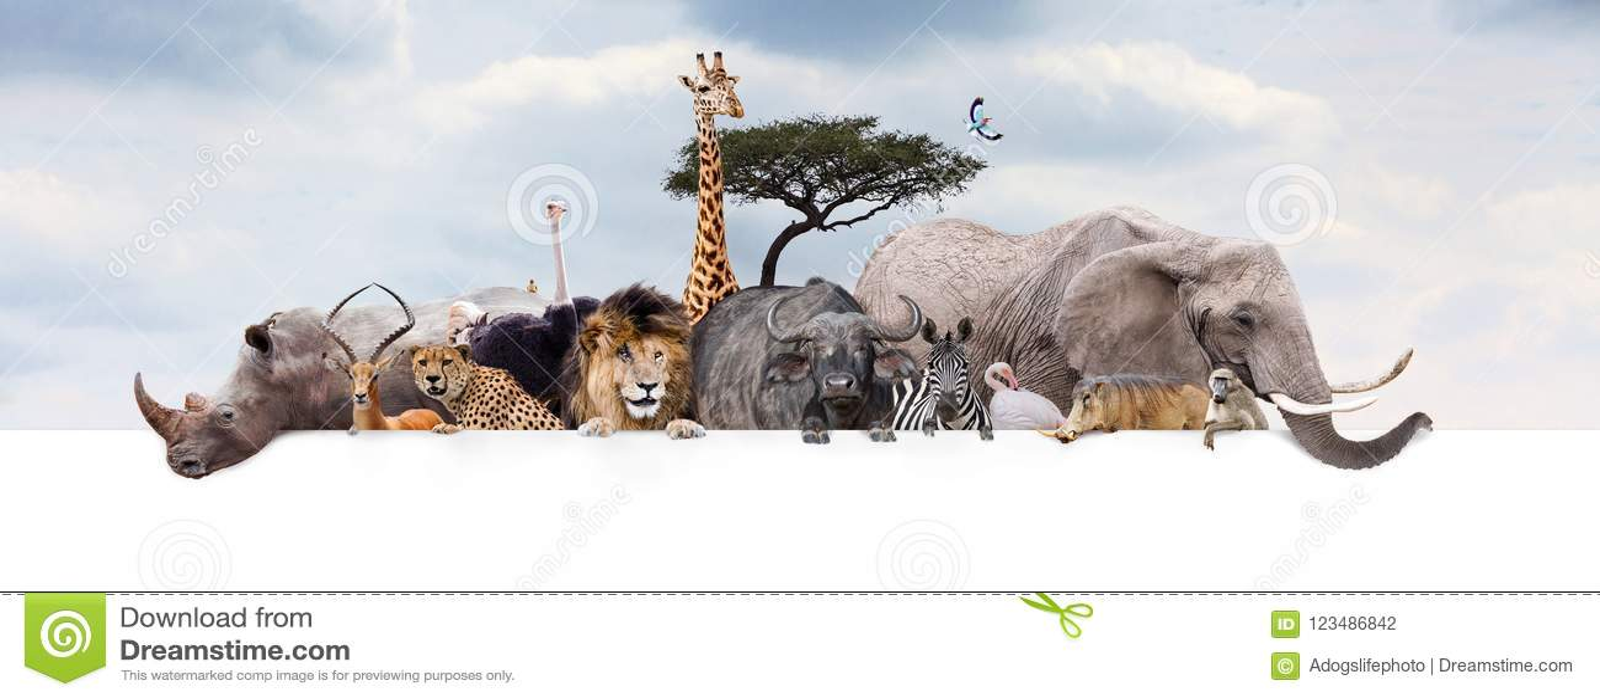 Bandeira de Safari Zoo Animals Over Web